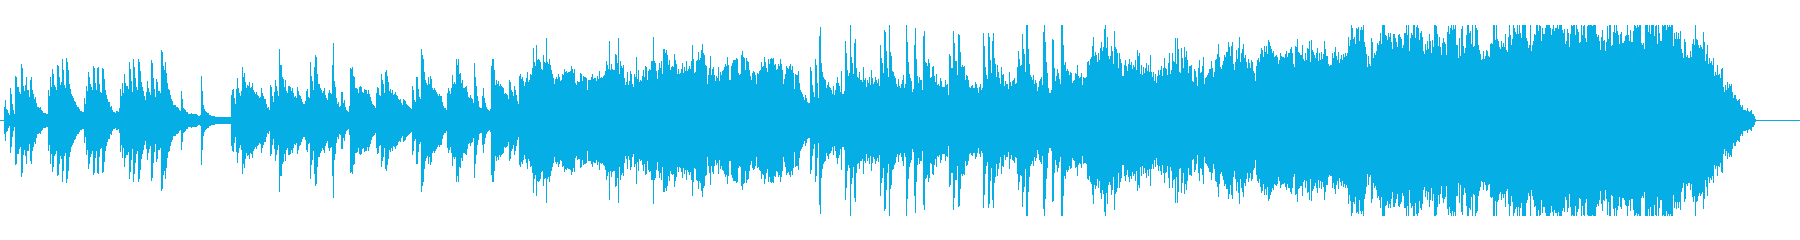 切なく感動的なピアノオーケストラバラードの再生済みの波形